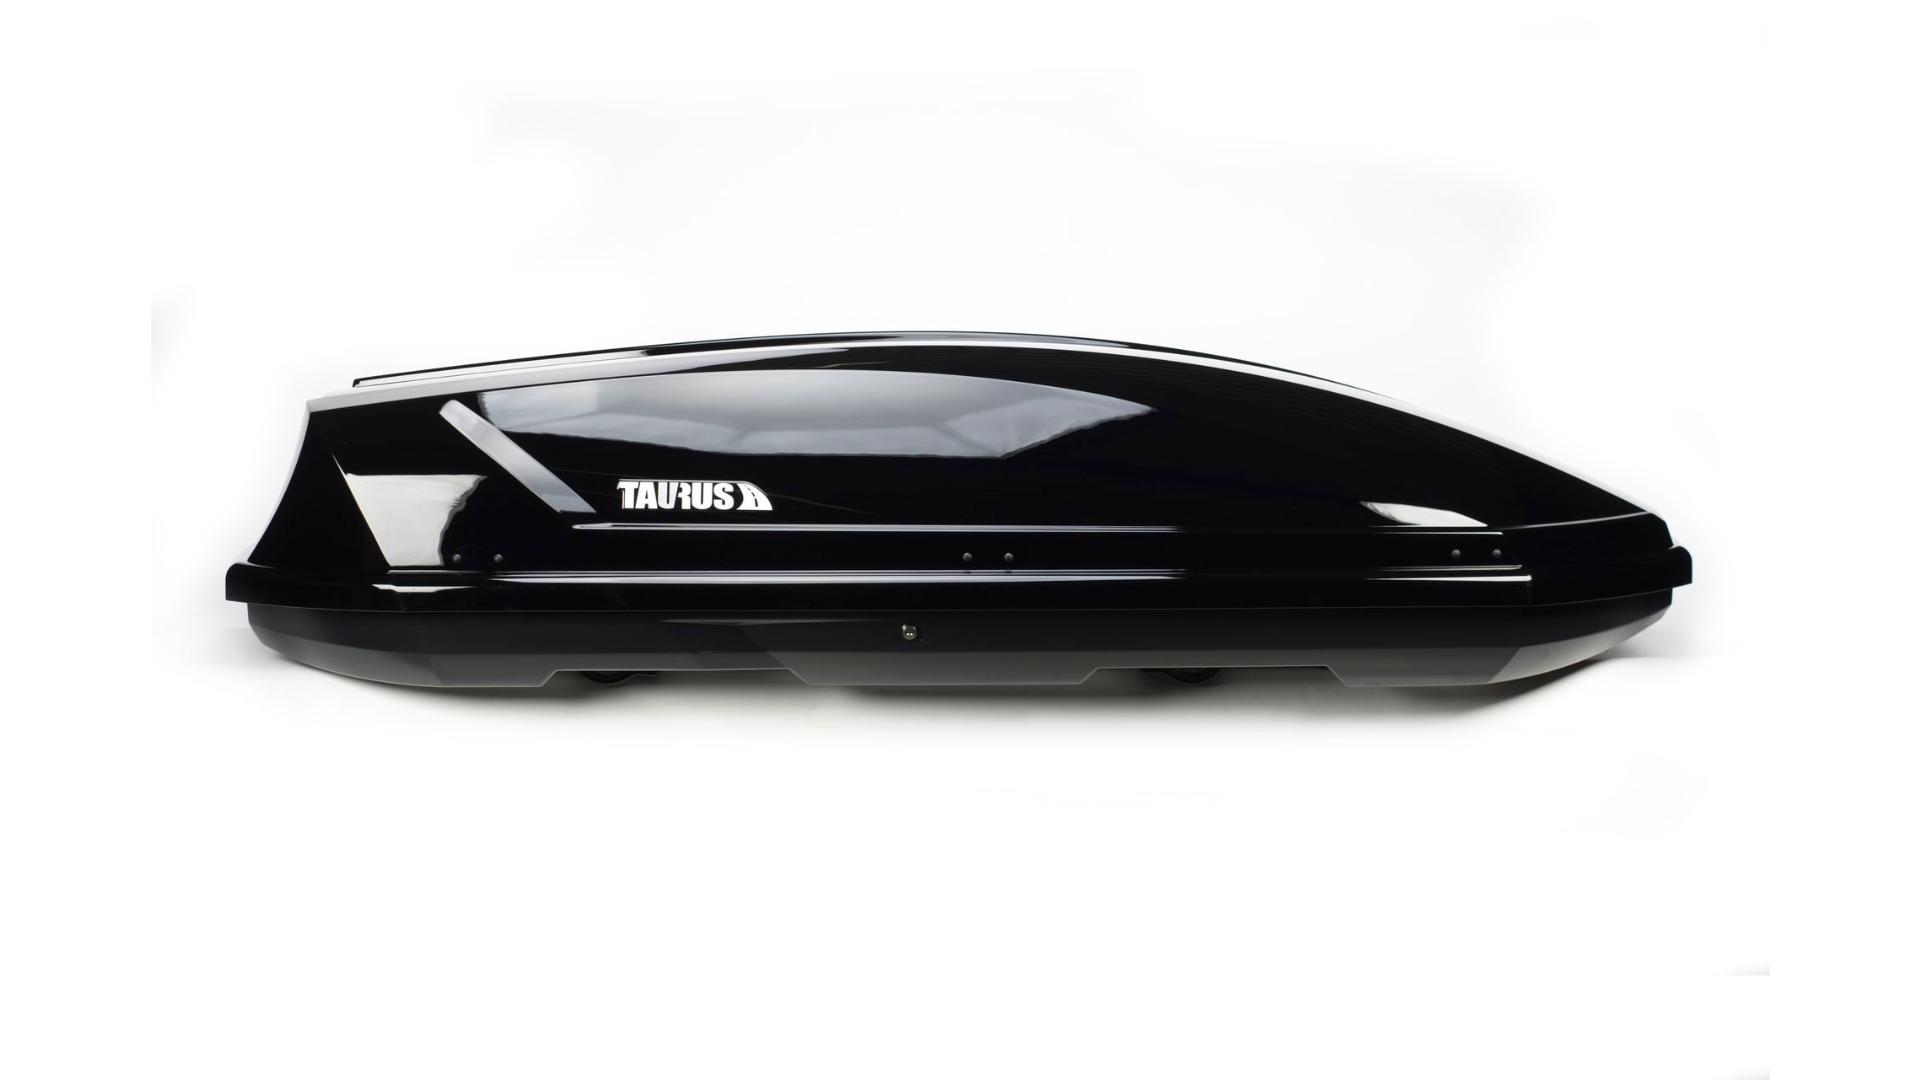 Taurus strešný box Adventure (131 x 72 x 37) 295l. - čierny lesklý